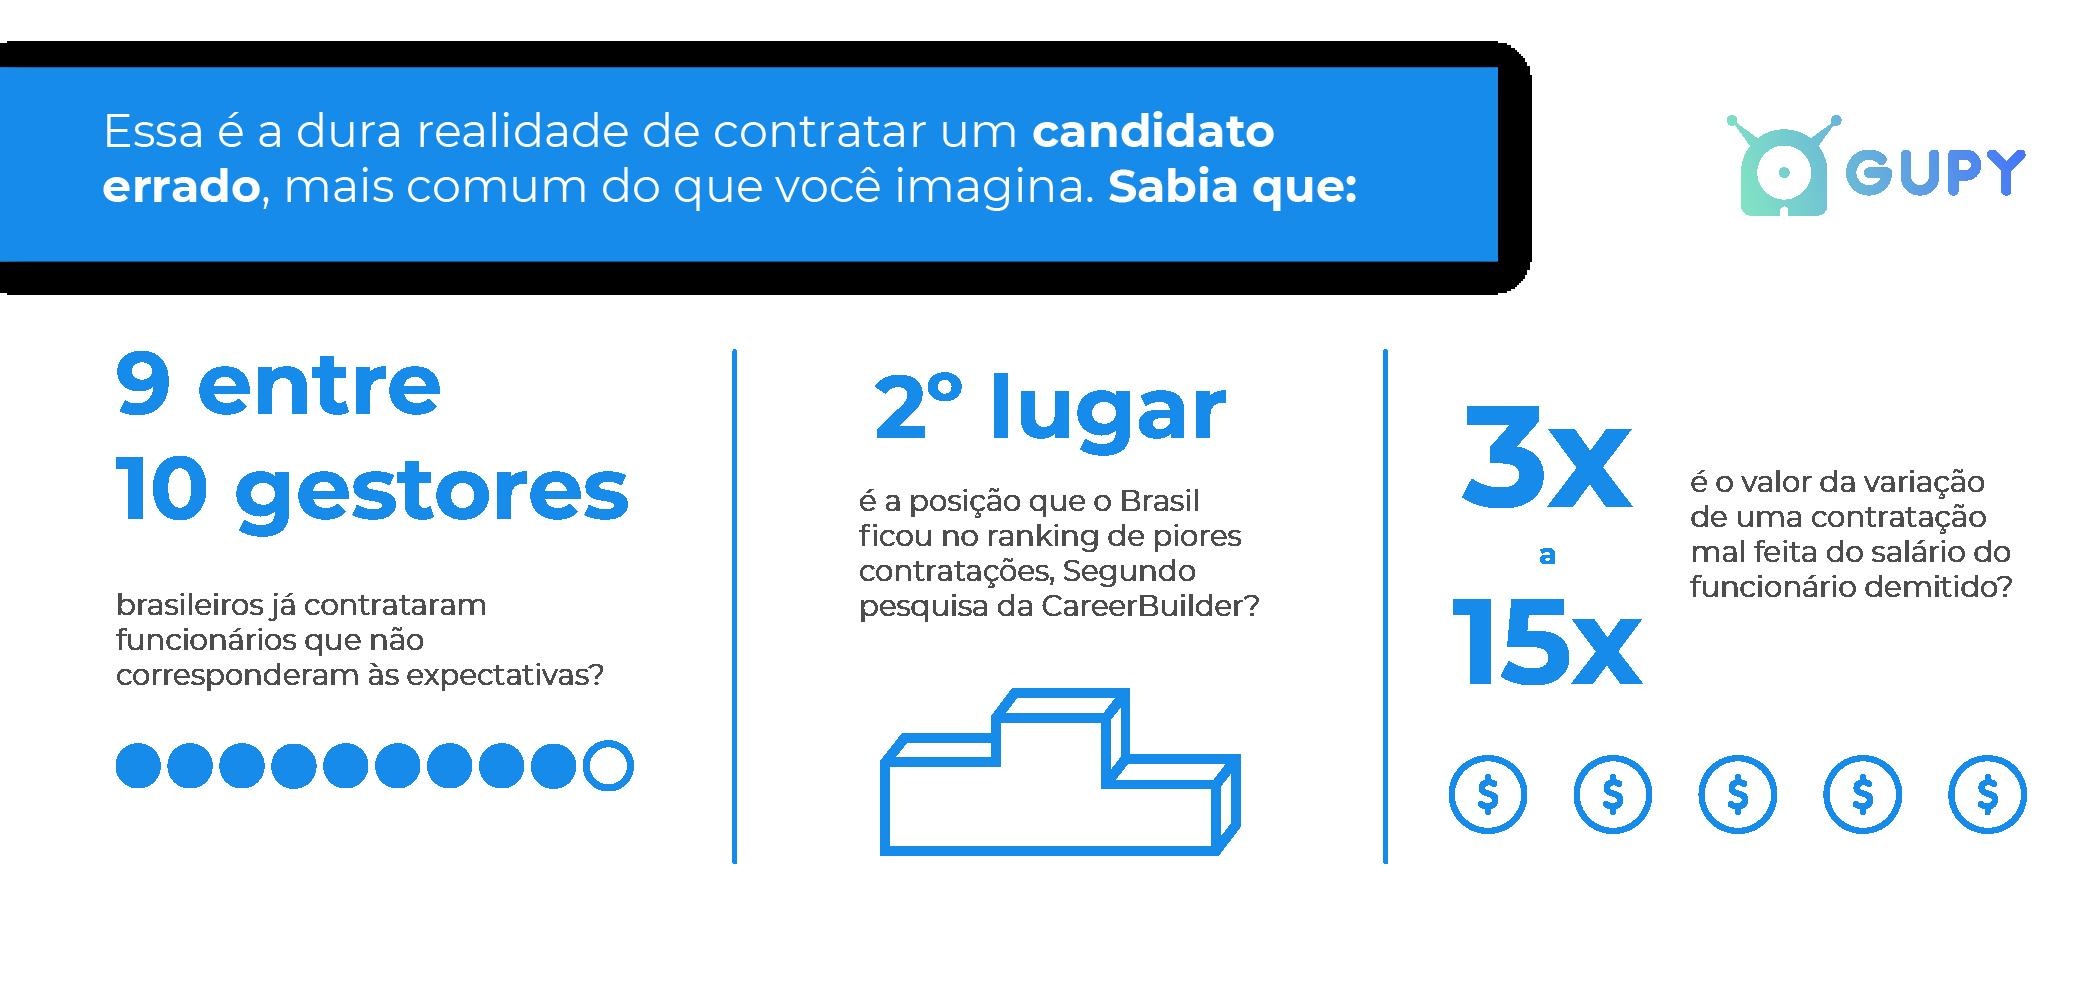 Imagem sobre dados de contratação no Brasil e erros ao contratar funcionarios